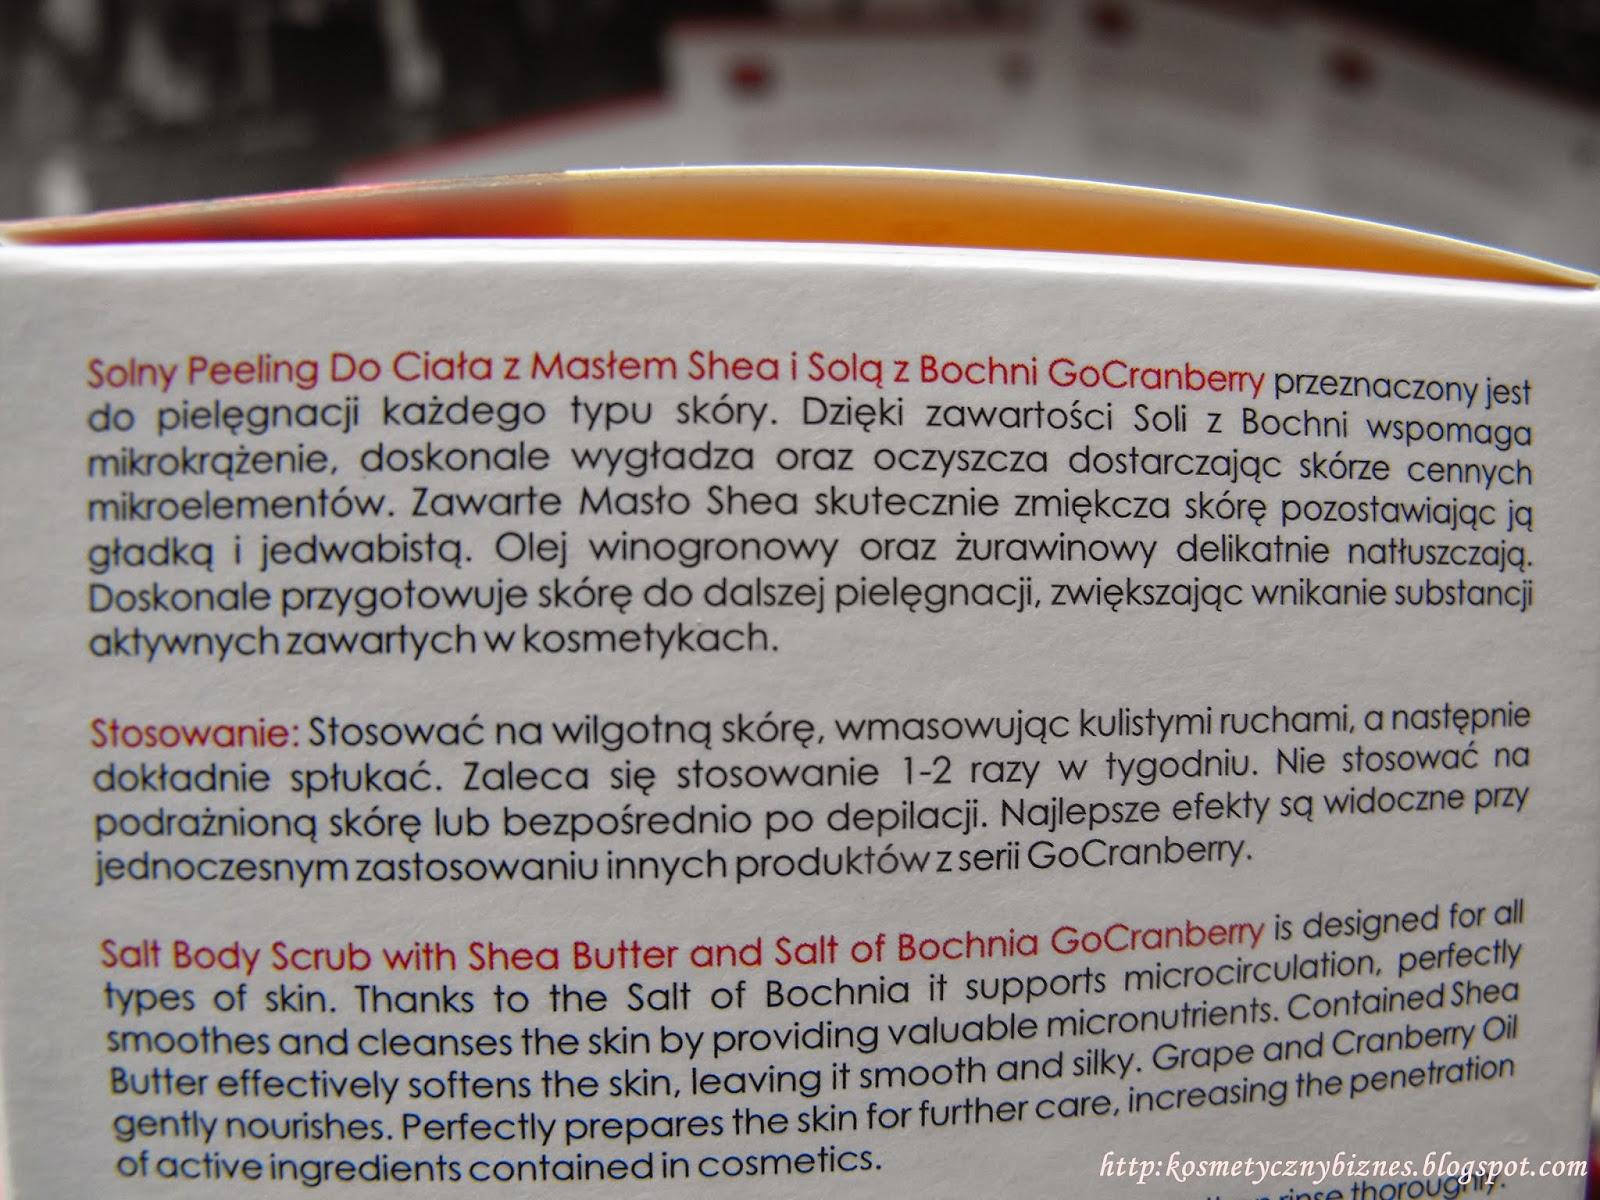 Solny Peeling Do Ciała z Masłem Shea i Solą z Bochni GoCranberry